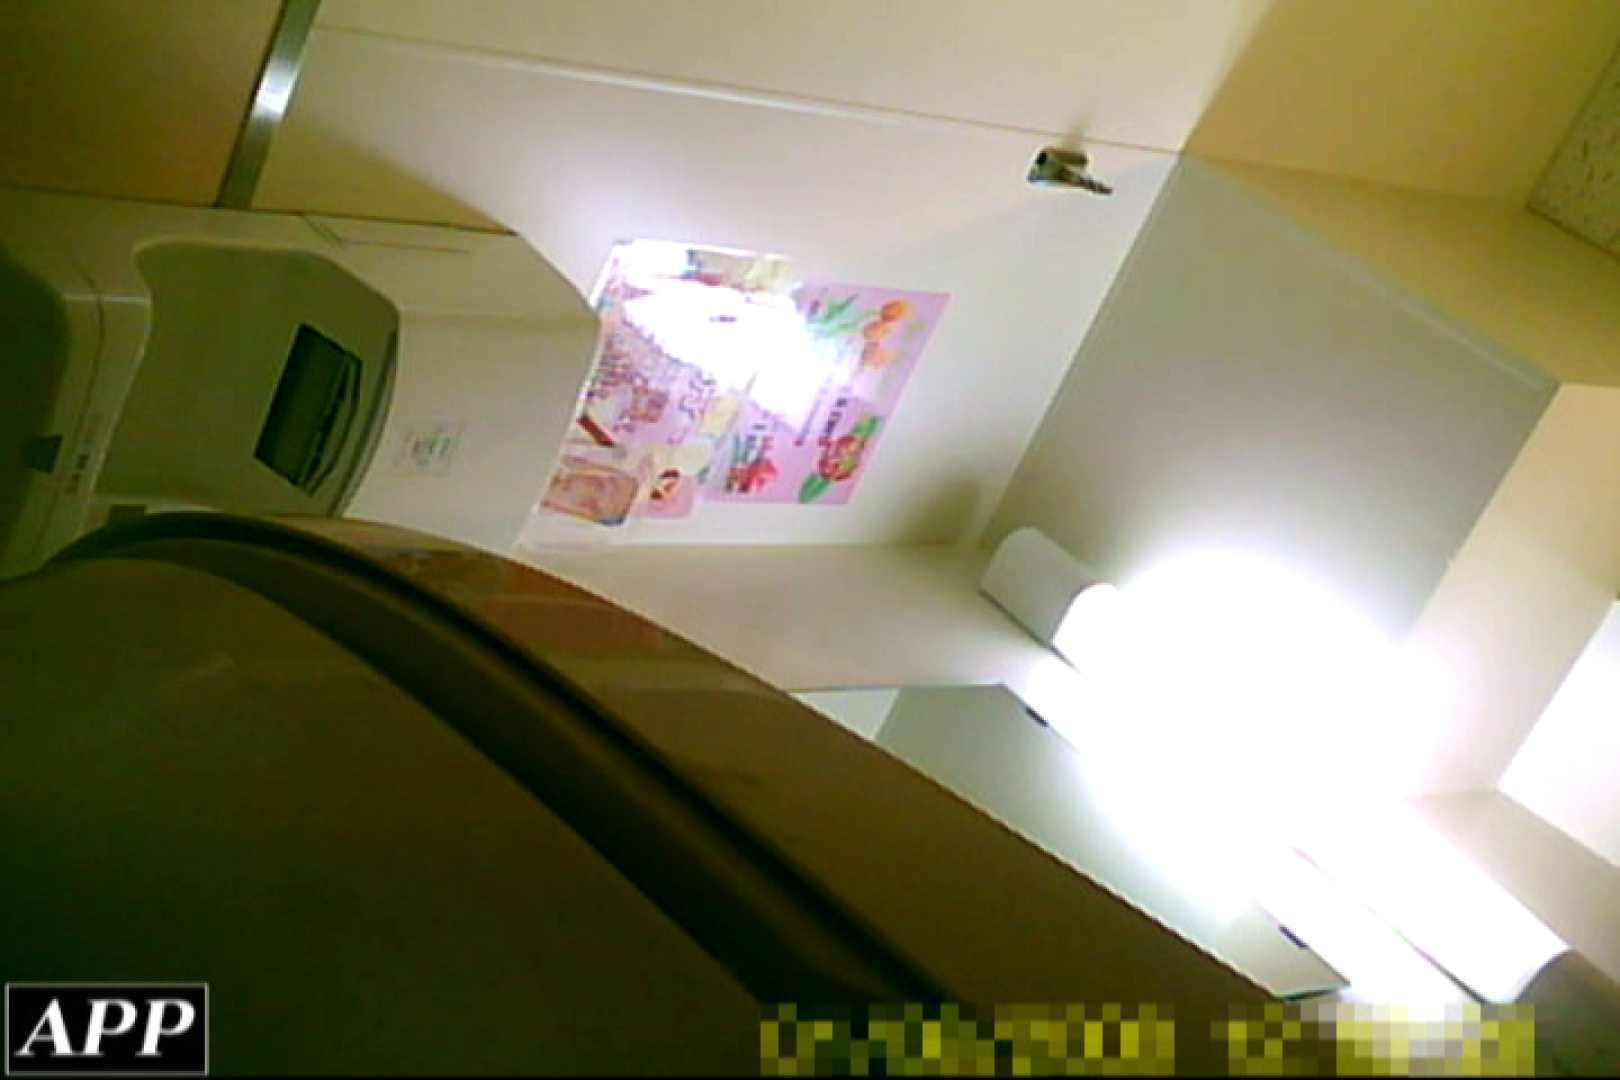 無修正おまんこ動画 3視点洗面所 vol.123 怪盗ジョーカー